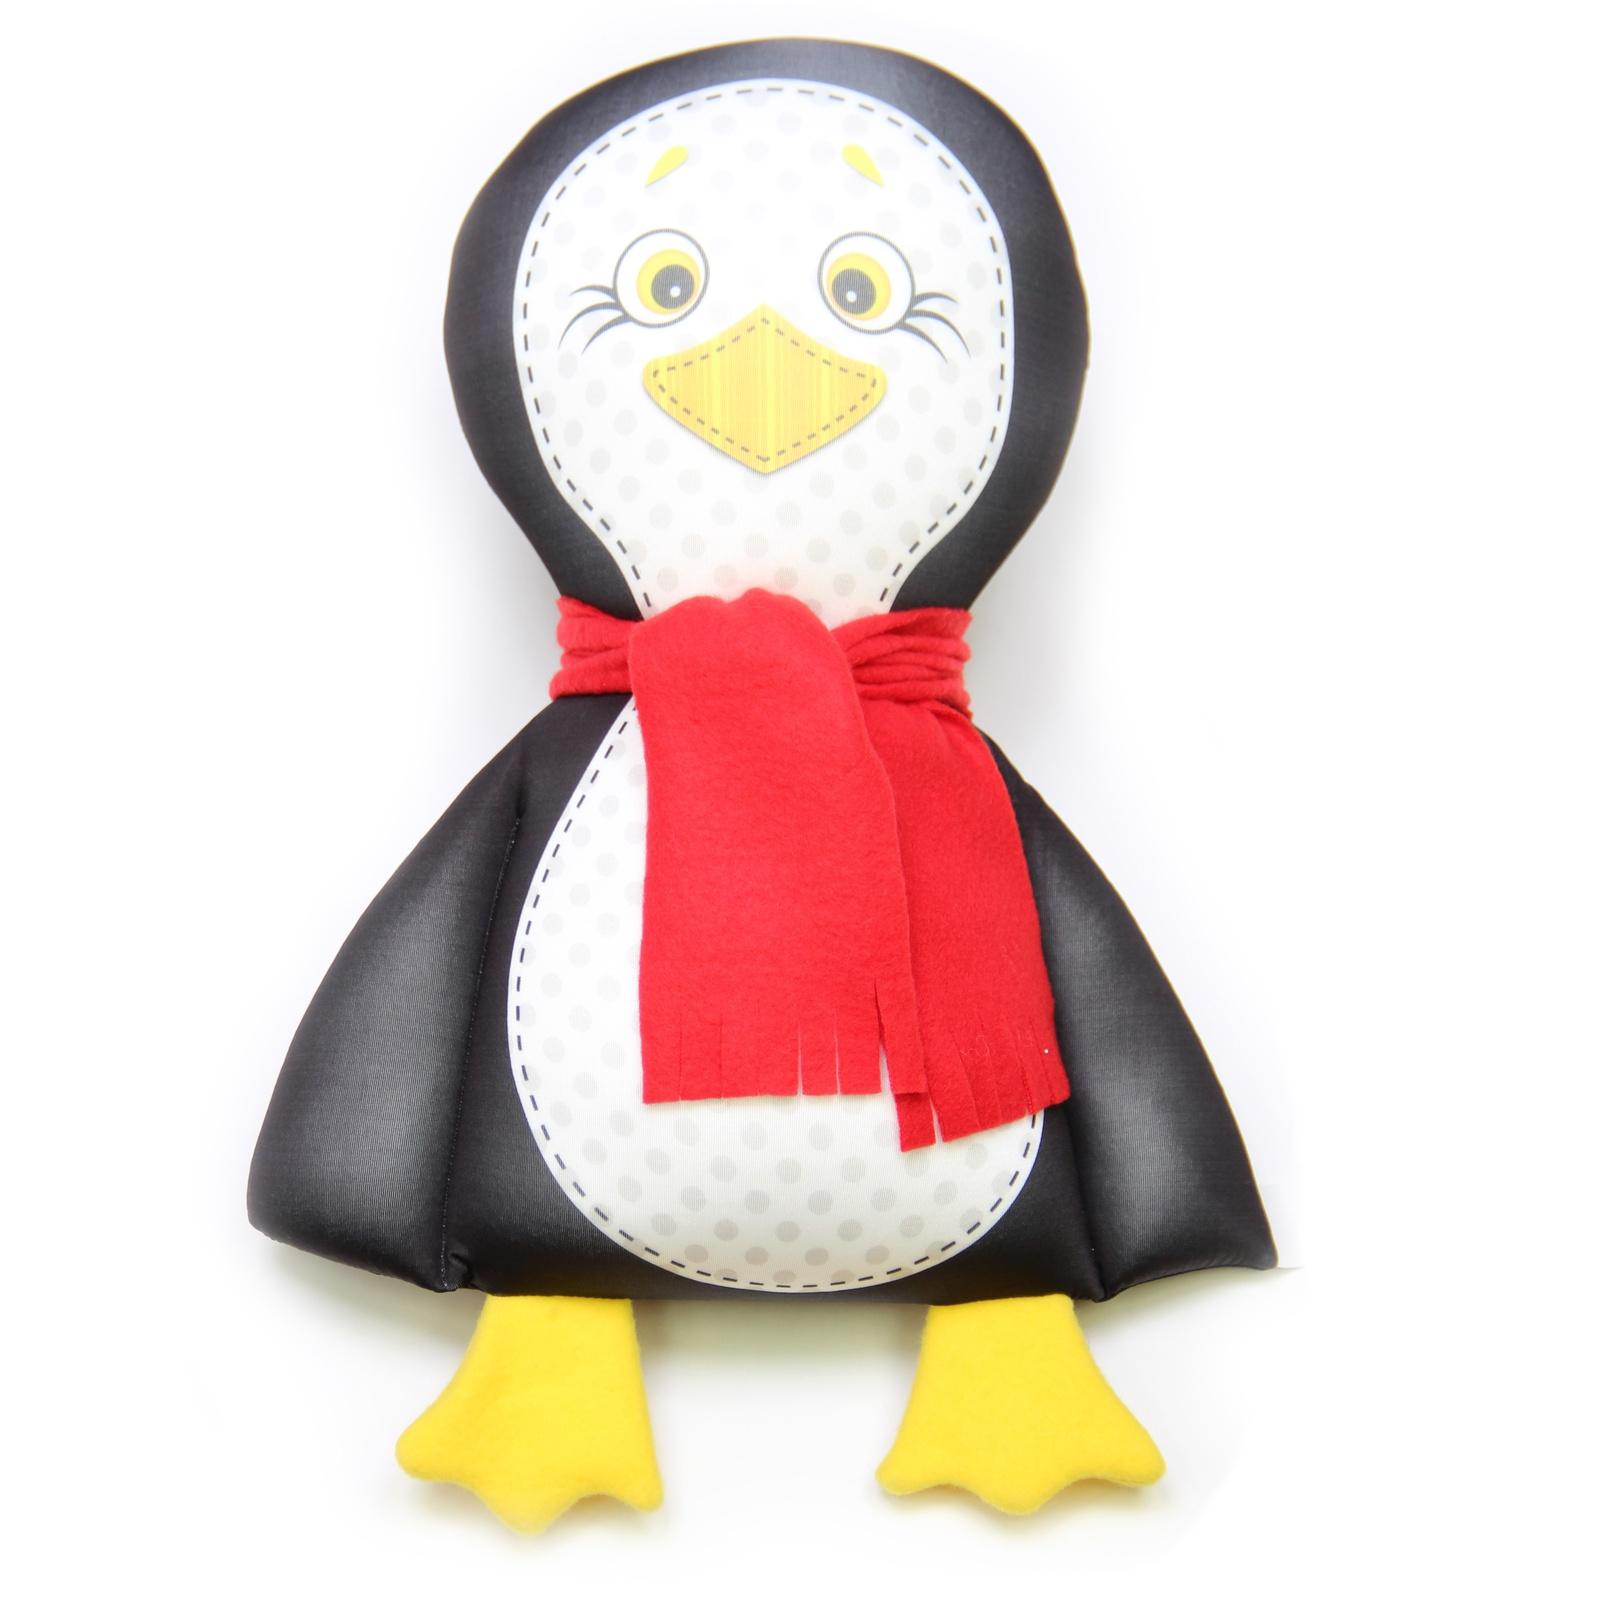 Игрушка для ванной Штучки, к которым тянутся ручки антистрессовая черный игрушка для ванной штучки к которым тянутся ручки 14аси49ив 12